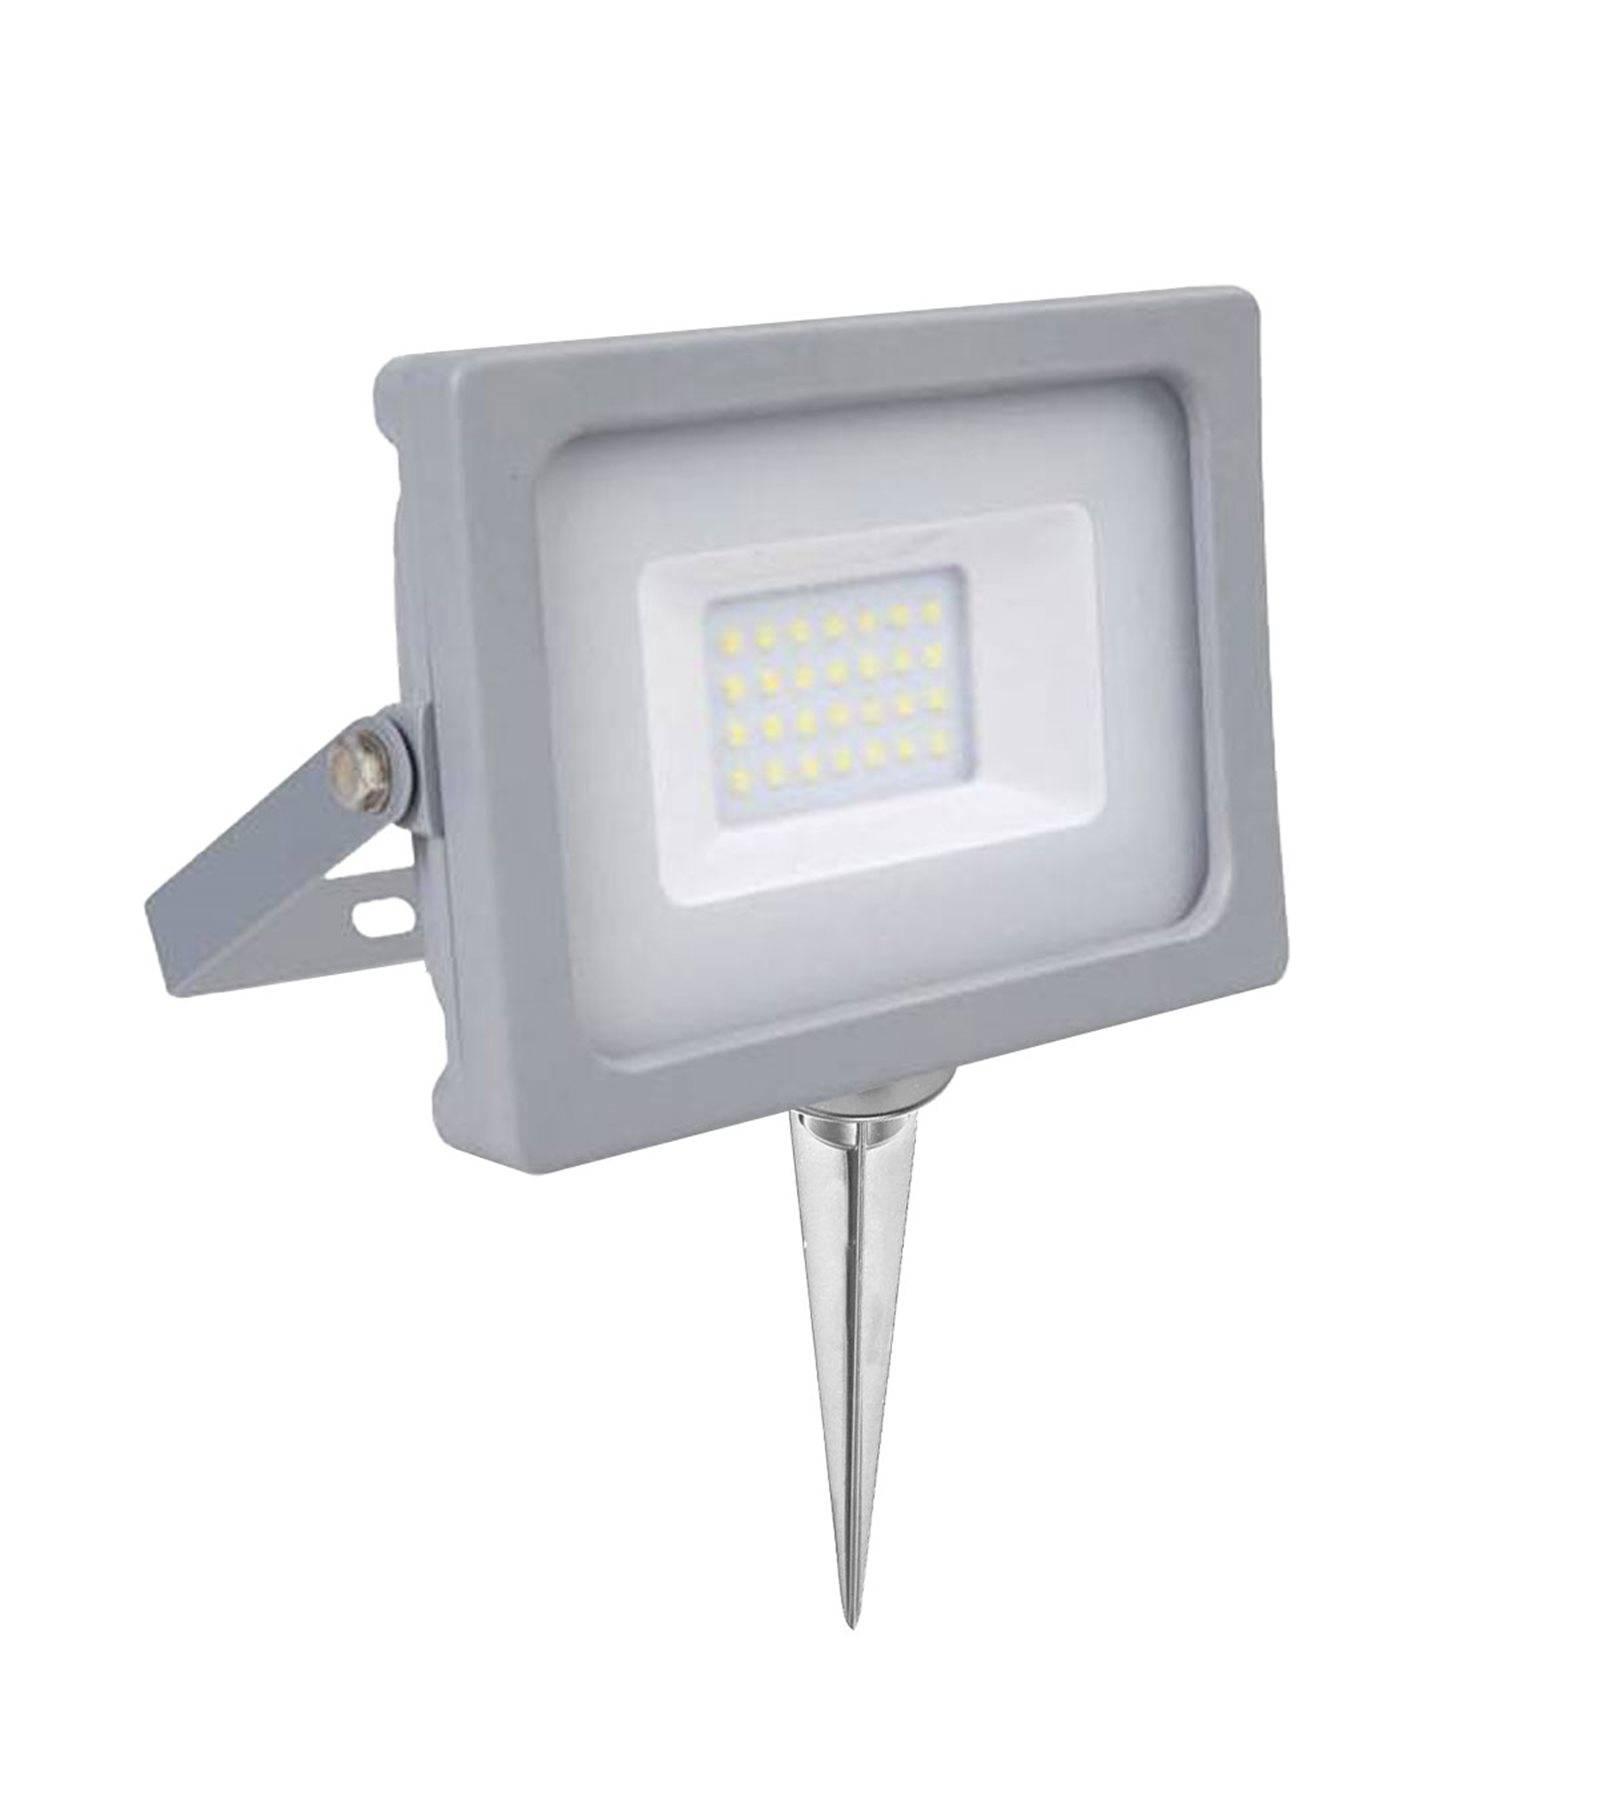 V-TAC Pack projecteur LED SMD 20W IP65 4000K + Support à piquer Gris V-TAC